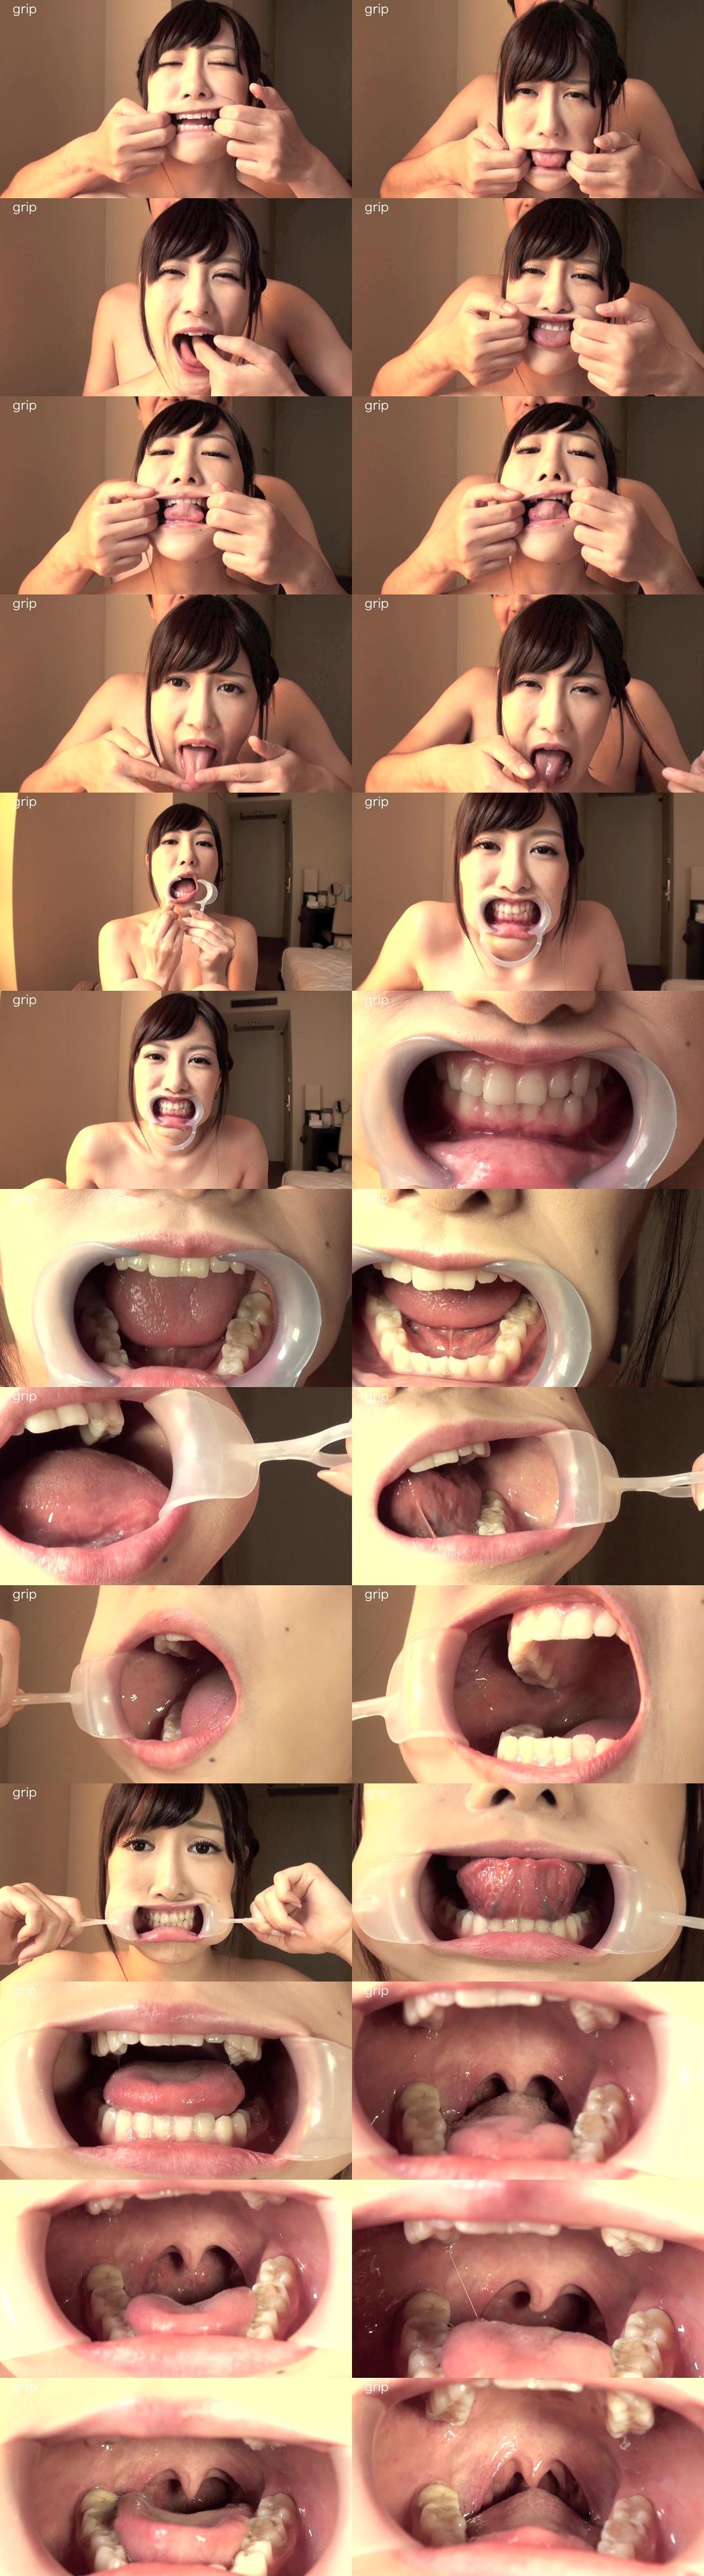 開口器をつけた小峰みこの口腔内鑑賞。顔面崩壊&歯と震える喉ちんこ